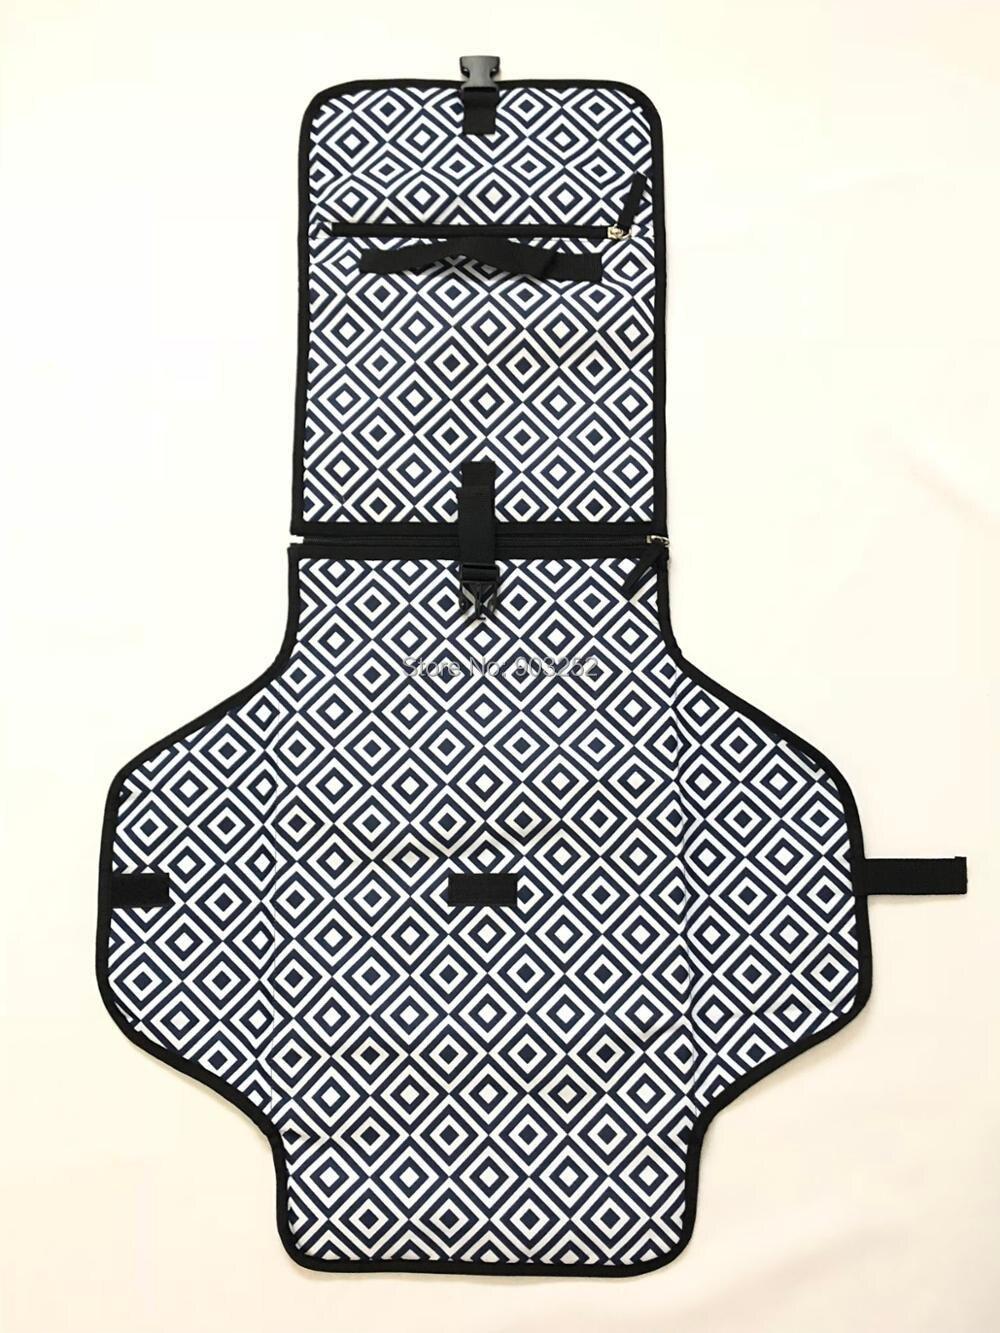 Портативный пеленальный коврик с мягкой подушкой на голову   Чехол для соски и силиконовый контейнер для детского крема   Водонепроницаемый сменный коврик